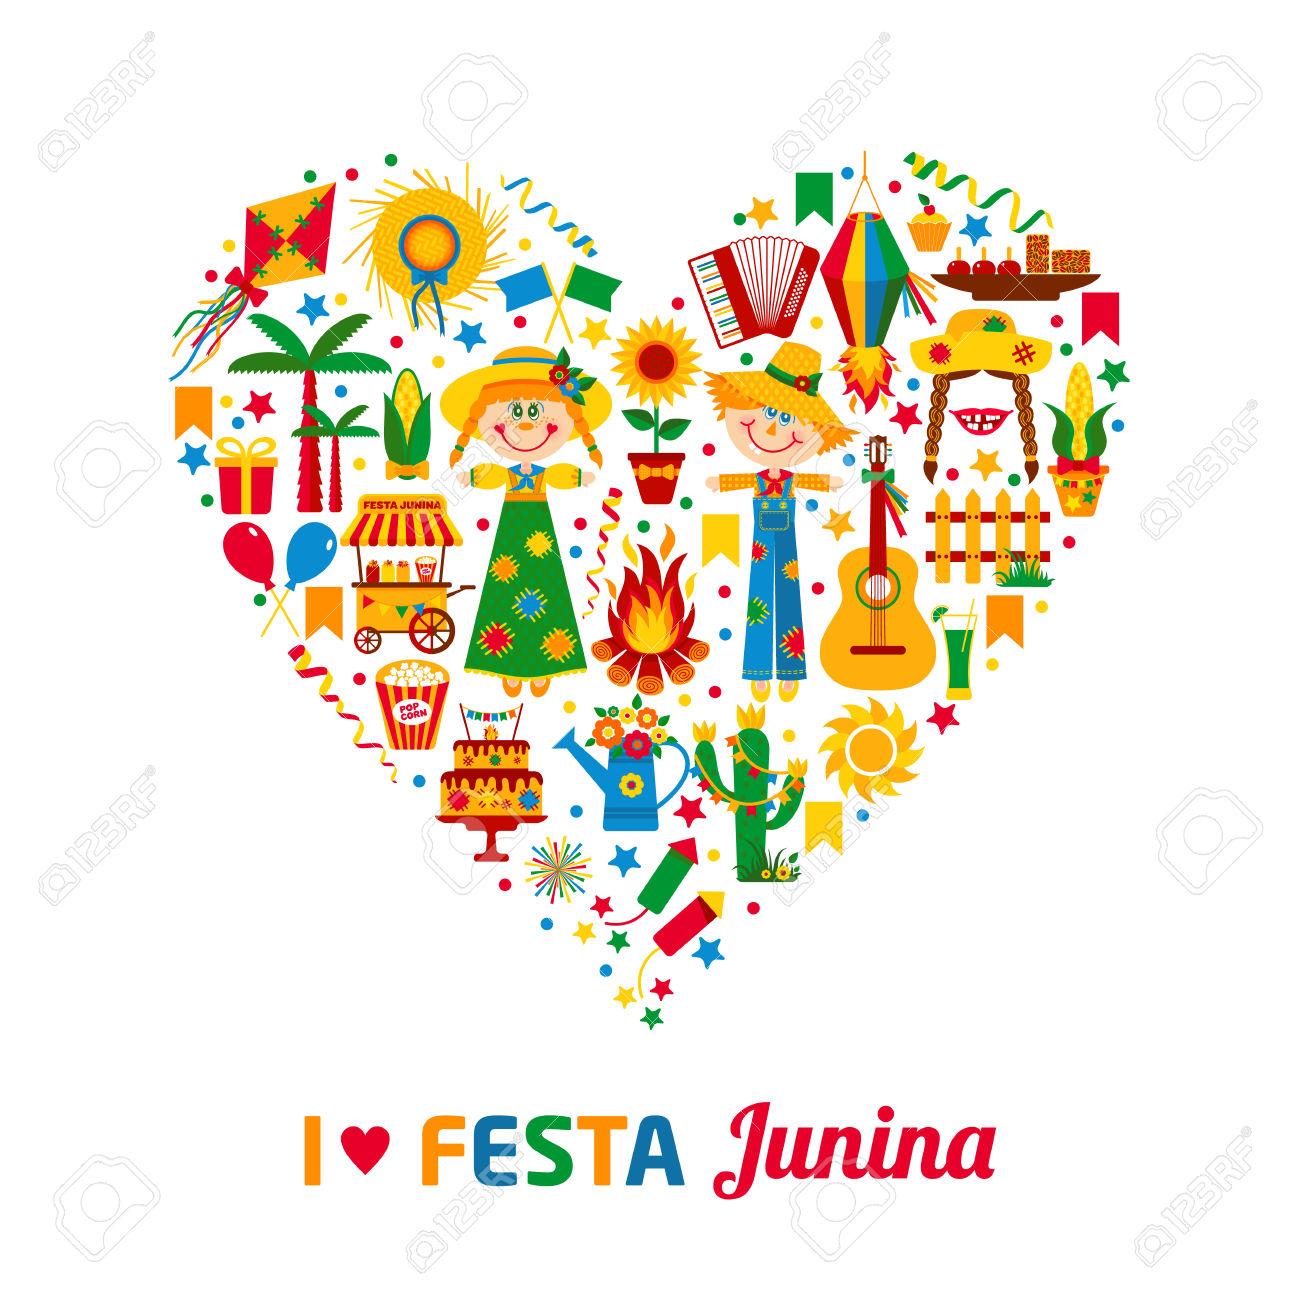 Festa Junina Village Festival In Latin America. Icons Set In.